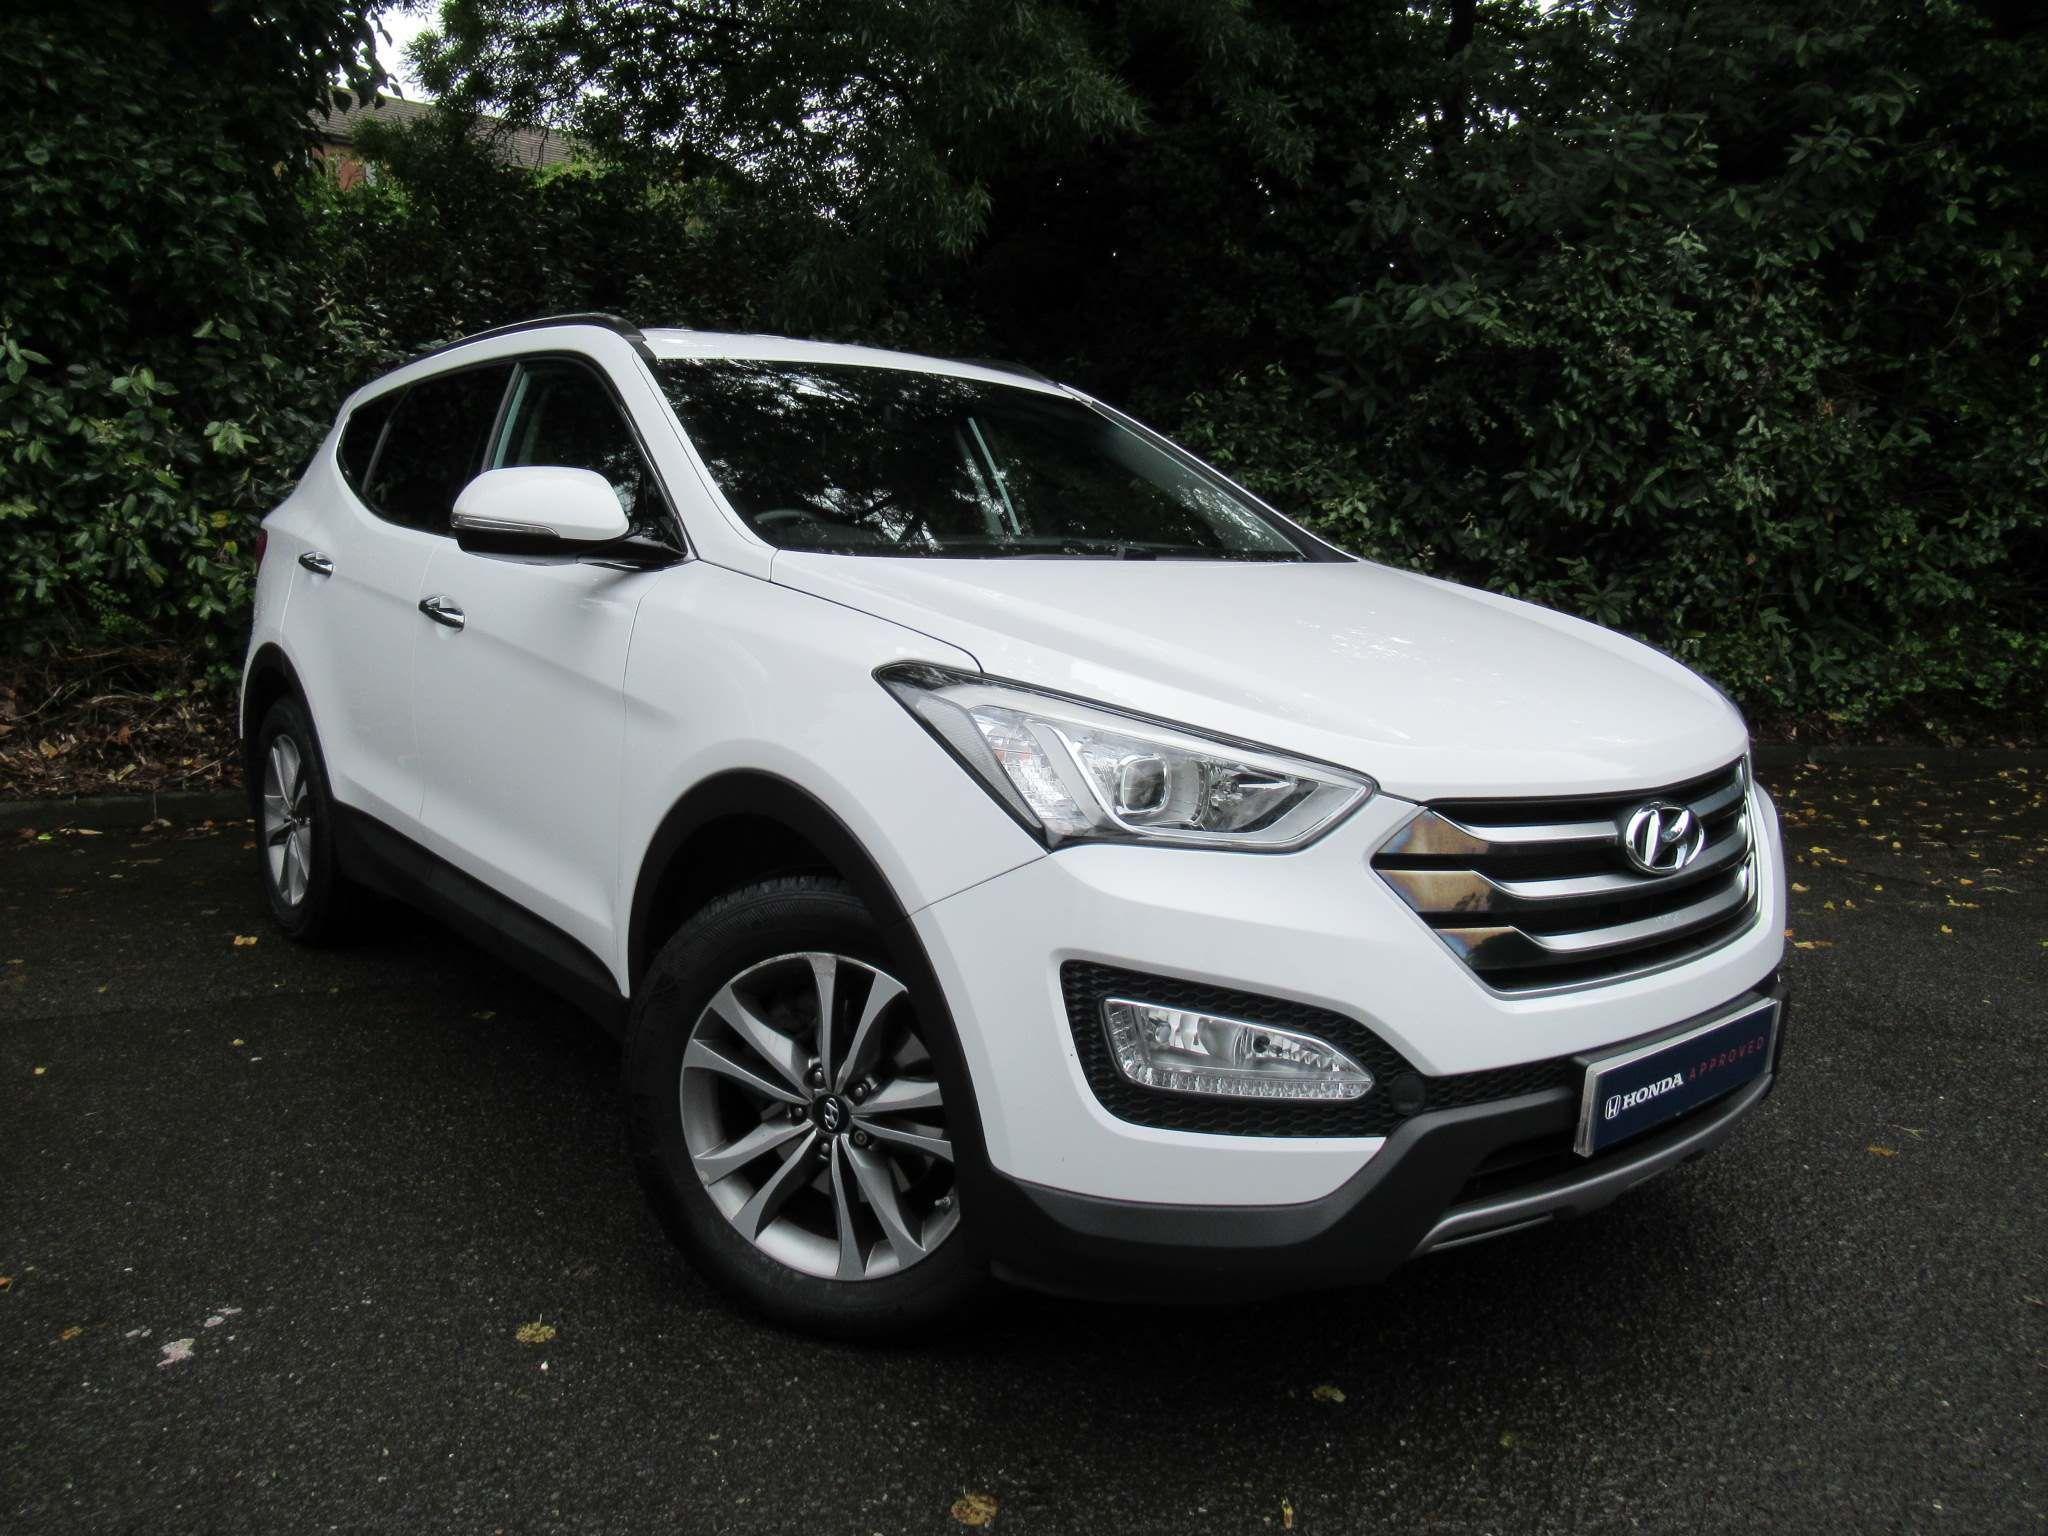 Hyundai Santa Fe 2.2 CRDi Premium 4WD 5dr (5 seats)